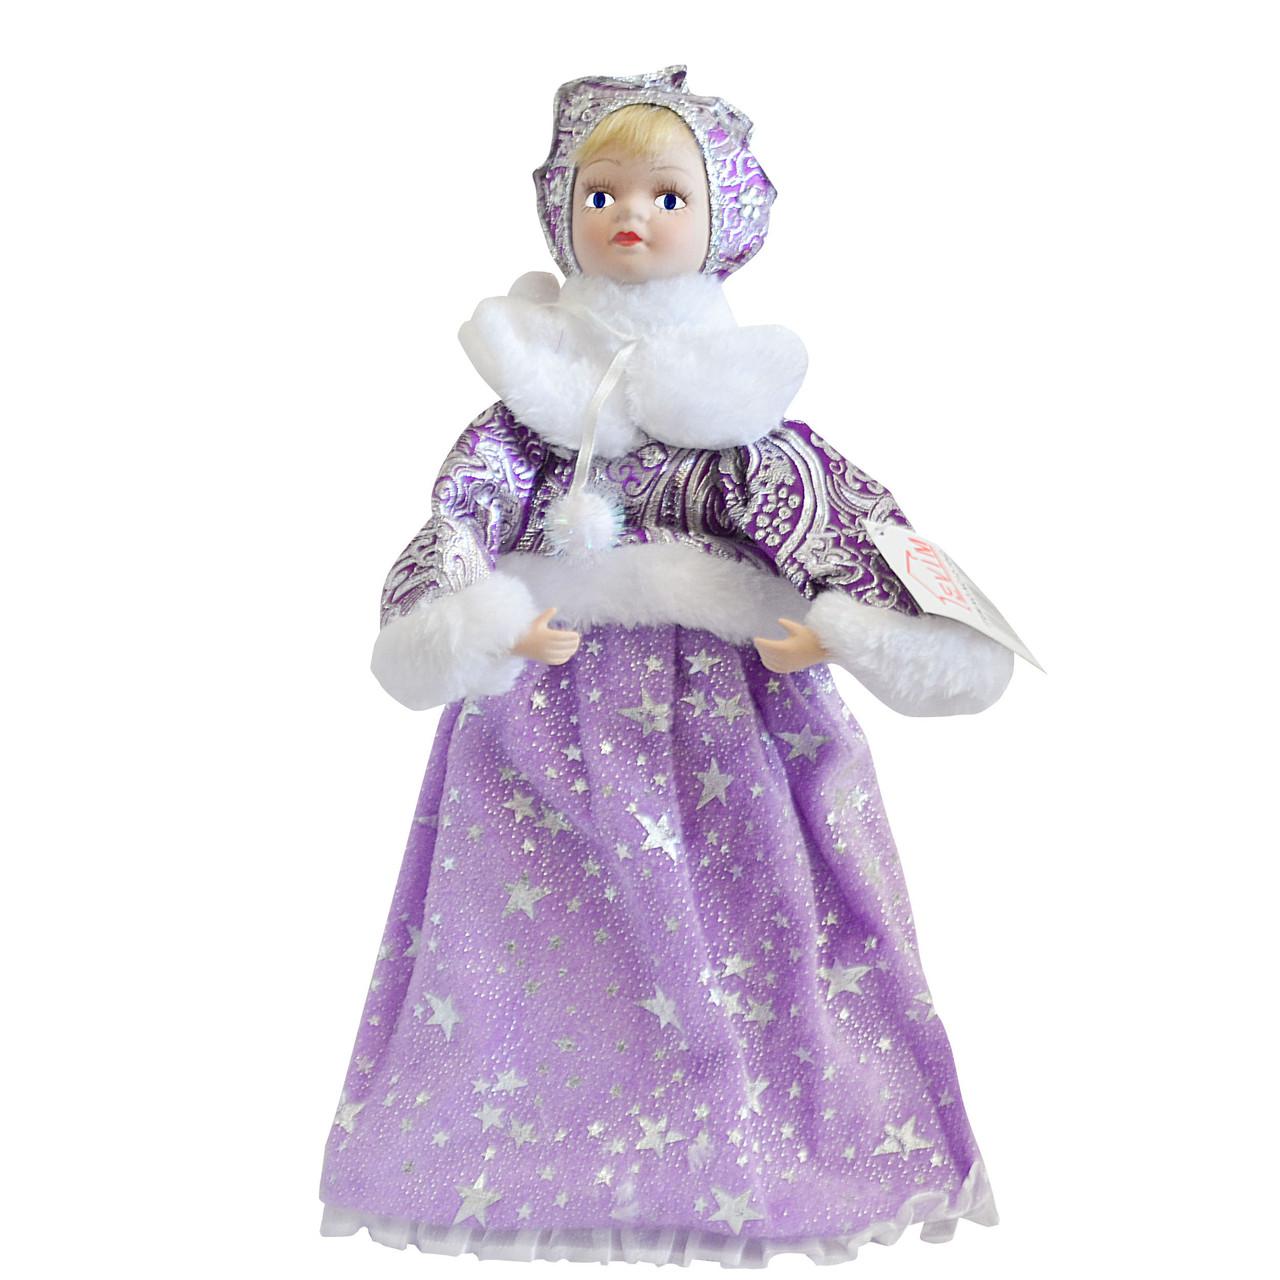 Снегурочка 33см, в фиолетовом